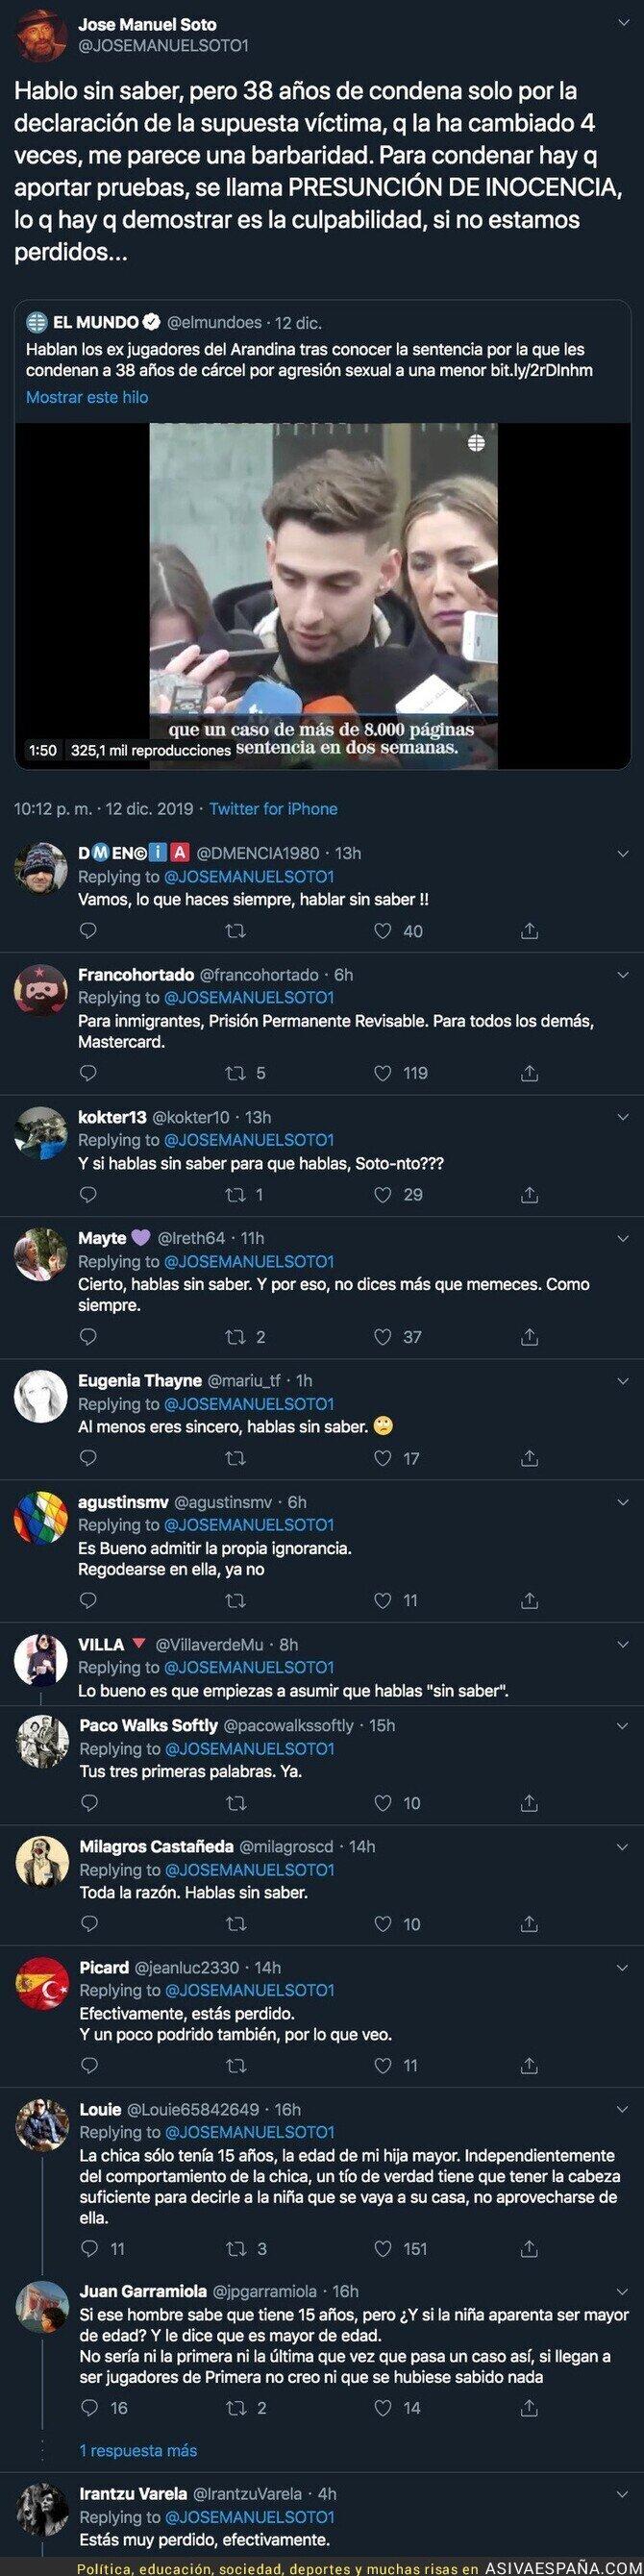 129678 - José Manuel Soto estalla tras la condena a los exjugadores de la Arandina y todo Twitter está contra él